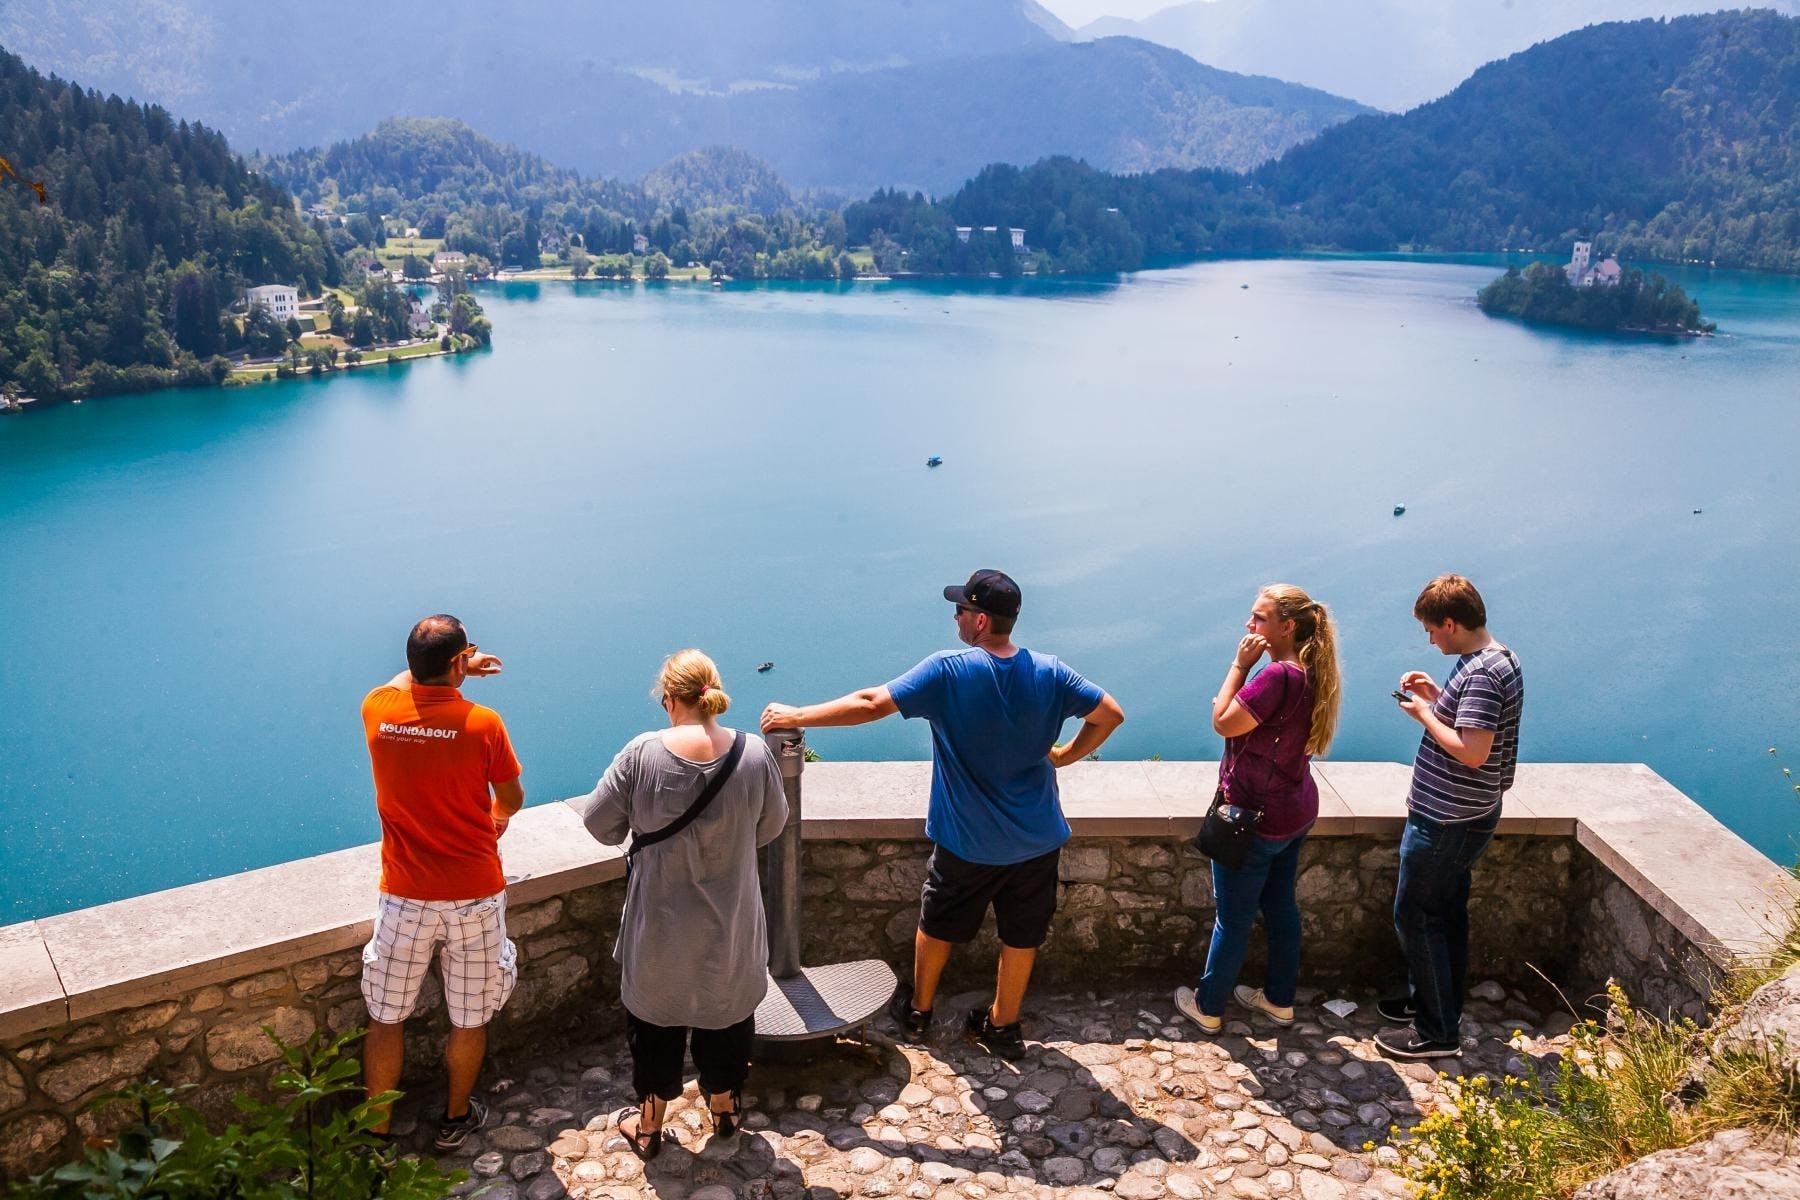 Salir de la ciudad,Excursiones de un día,Excursión a Lago de Bled,Tour por Liubliana